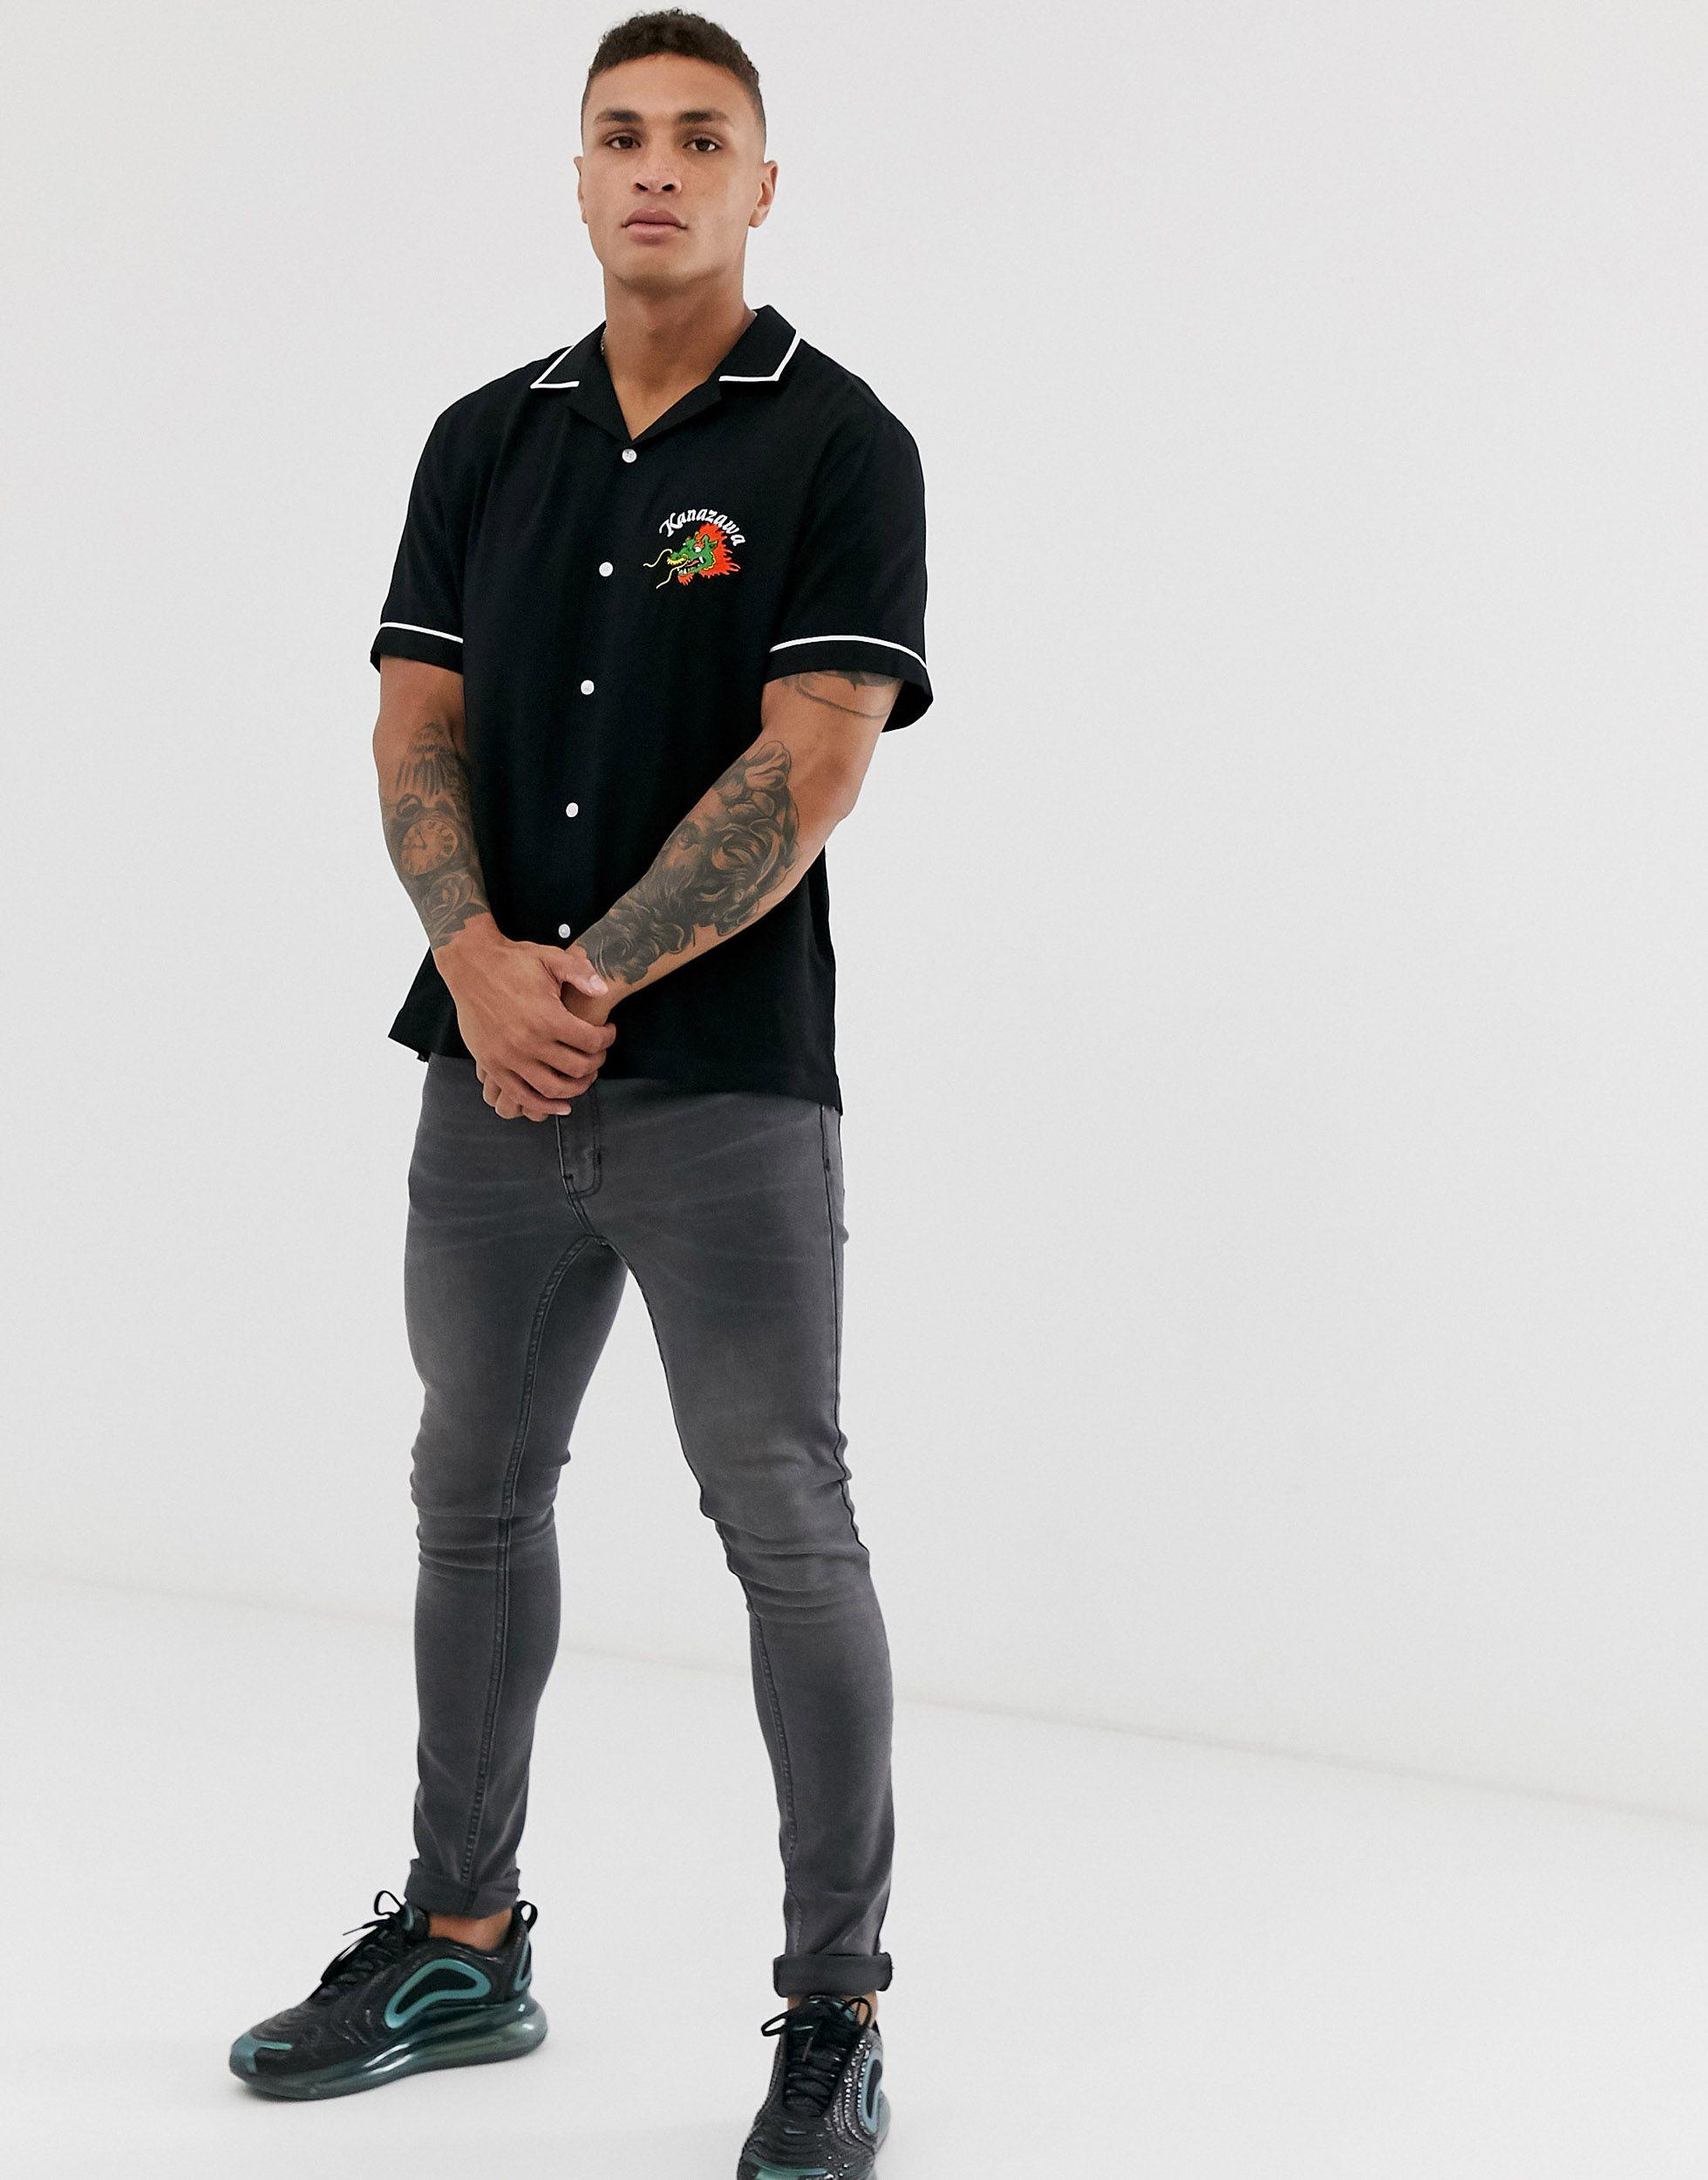 ASOS Synthetisch Ruimvallend Viscose Overhemd Met Borduursel Op in het Zwart voor heren